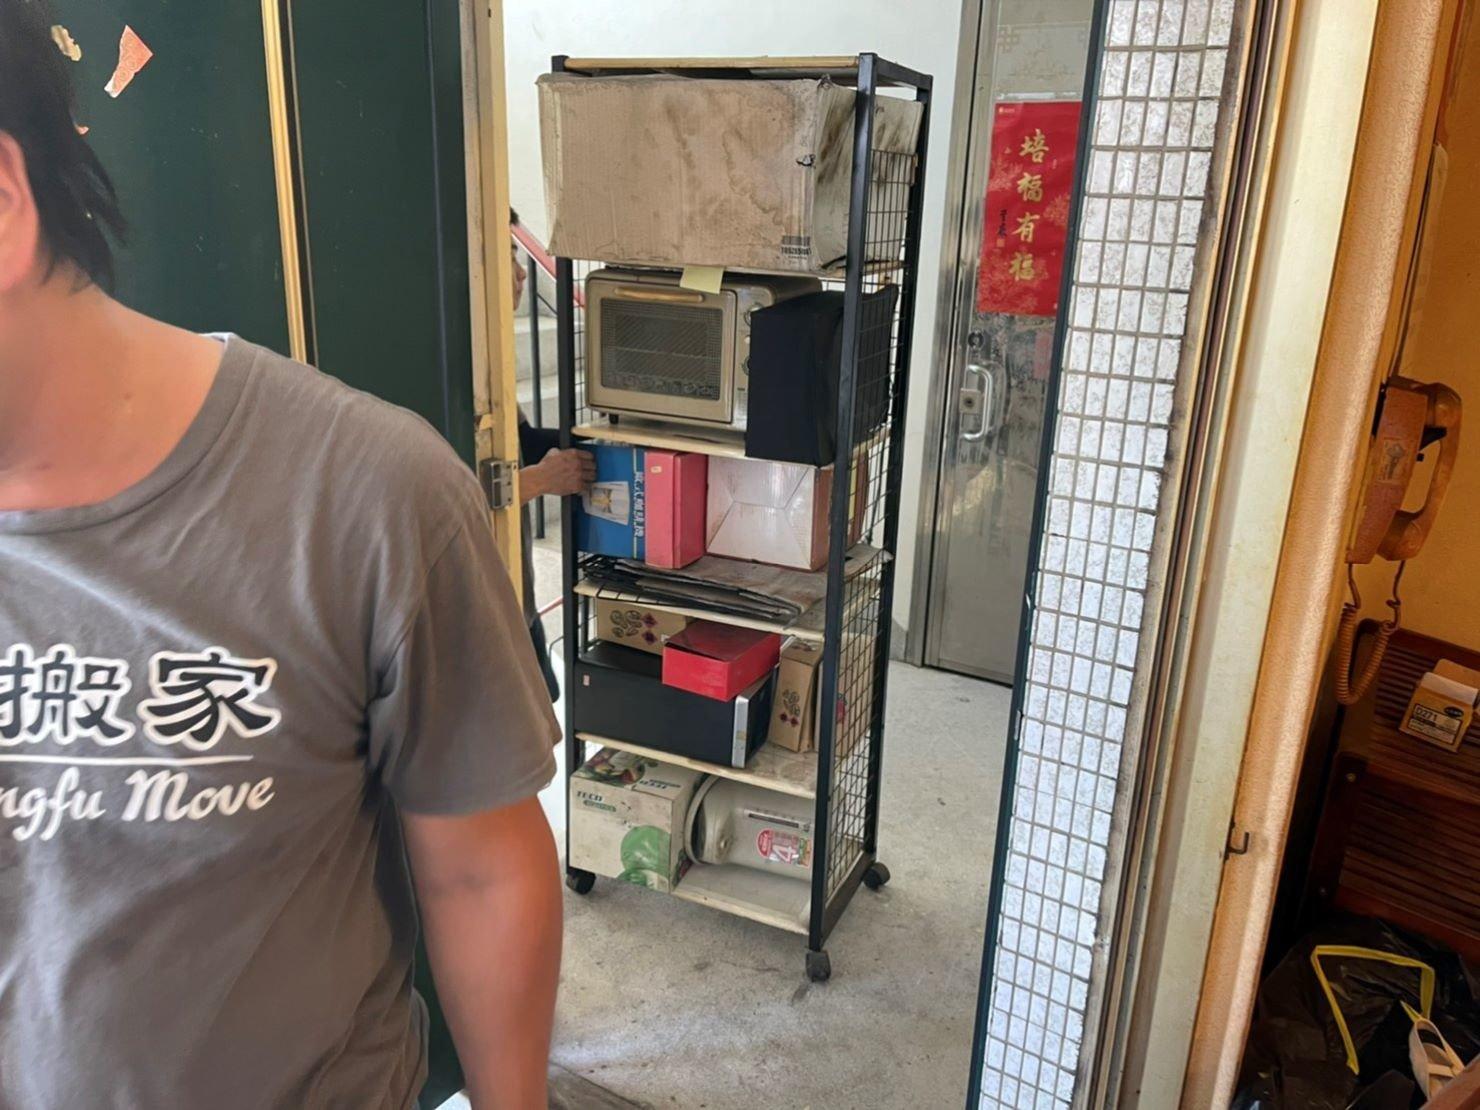 搬家推薦【榮福搬家】搬家口碑第一、台北搬家、新北搬家:【廢棄物處理清運、家庭家具垃圾處理】老舊家具、物件搬運丟棄,找專業且正規合法的榮福搬家公司替您清運服務。